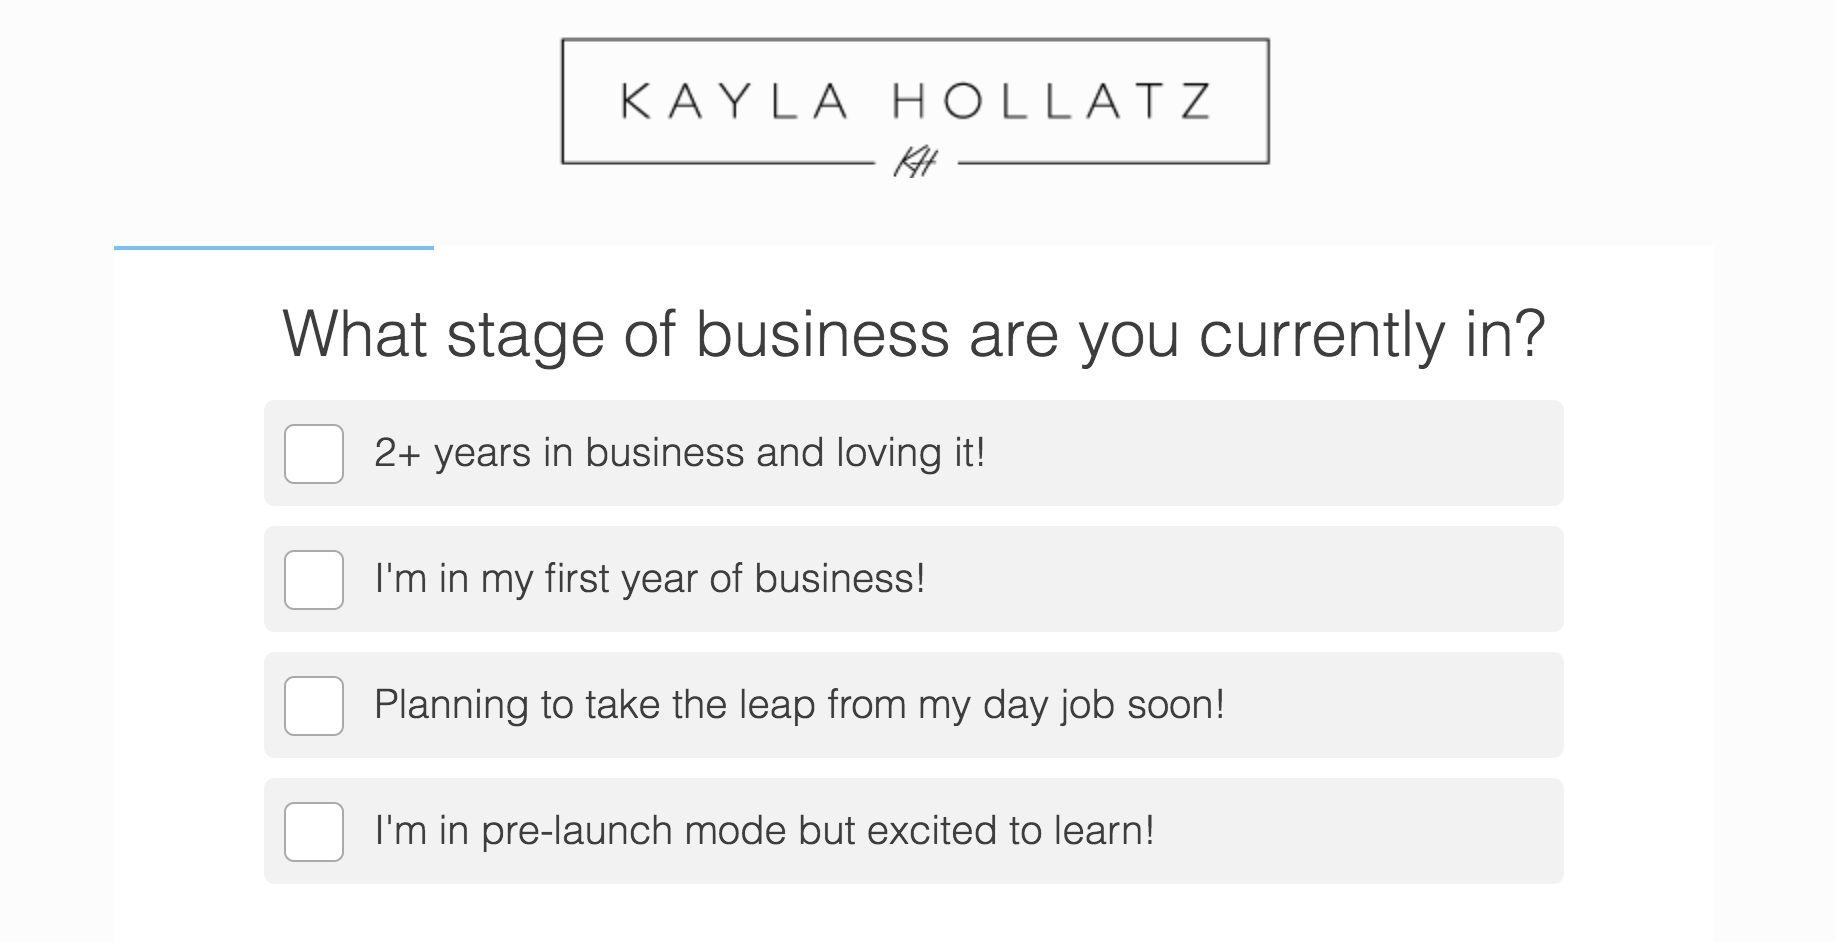 Kayla Hollatz quiz